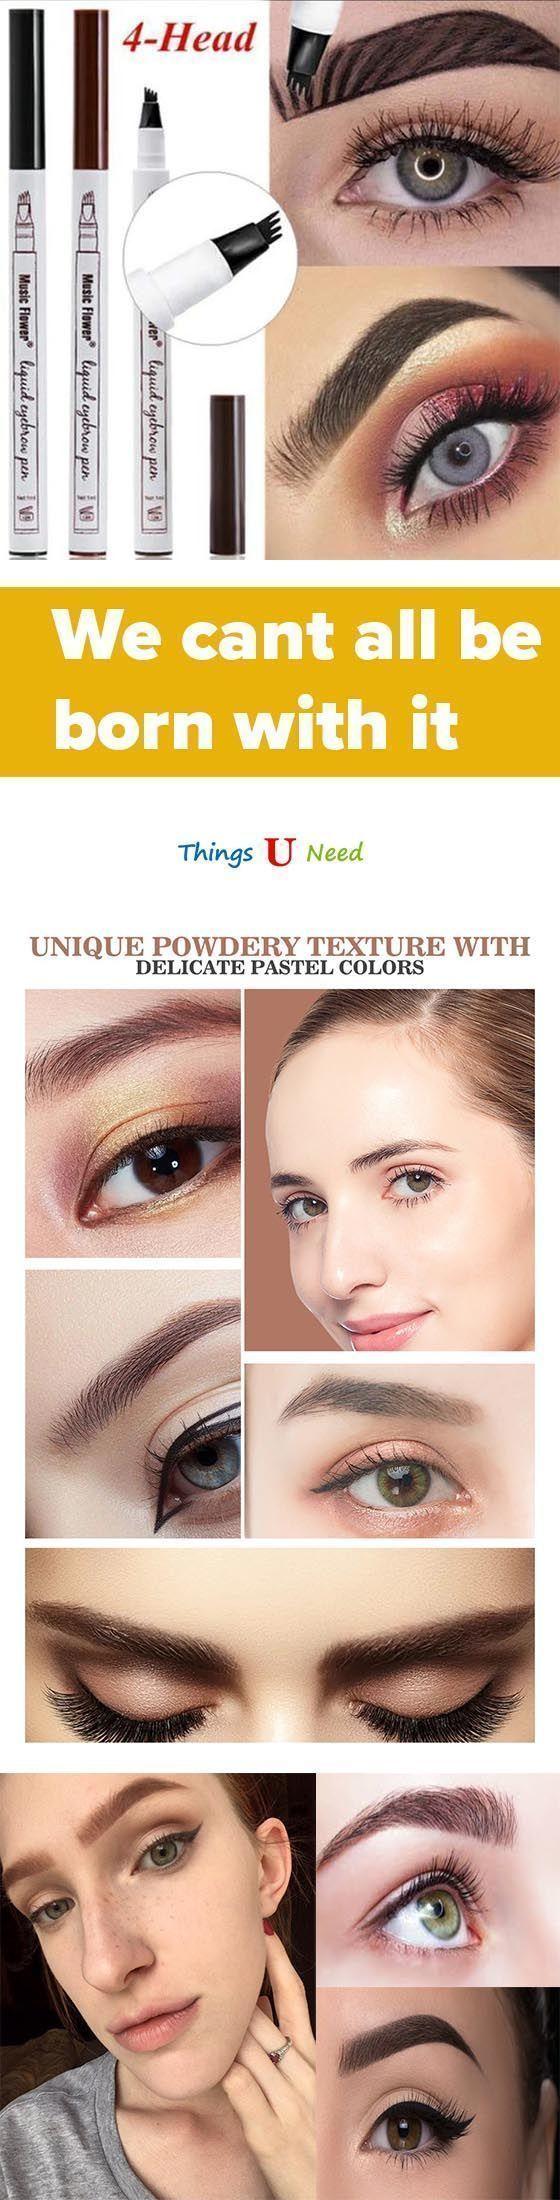 Microblading Eyebrow Pen Sparseeyebrows Verwandeln Sie Sparliche